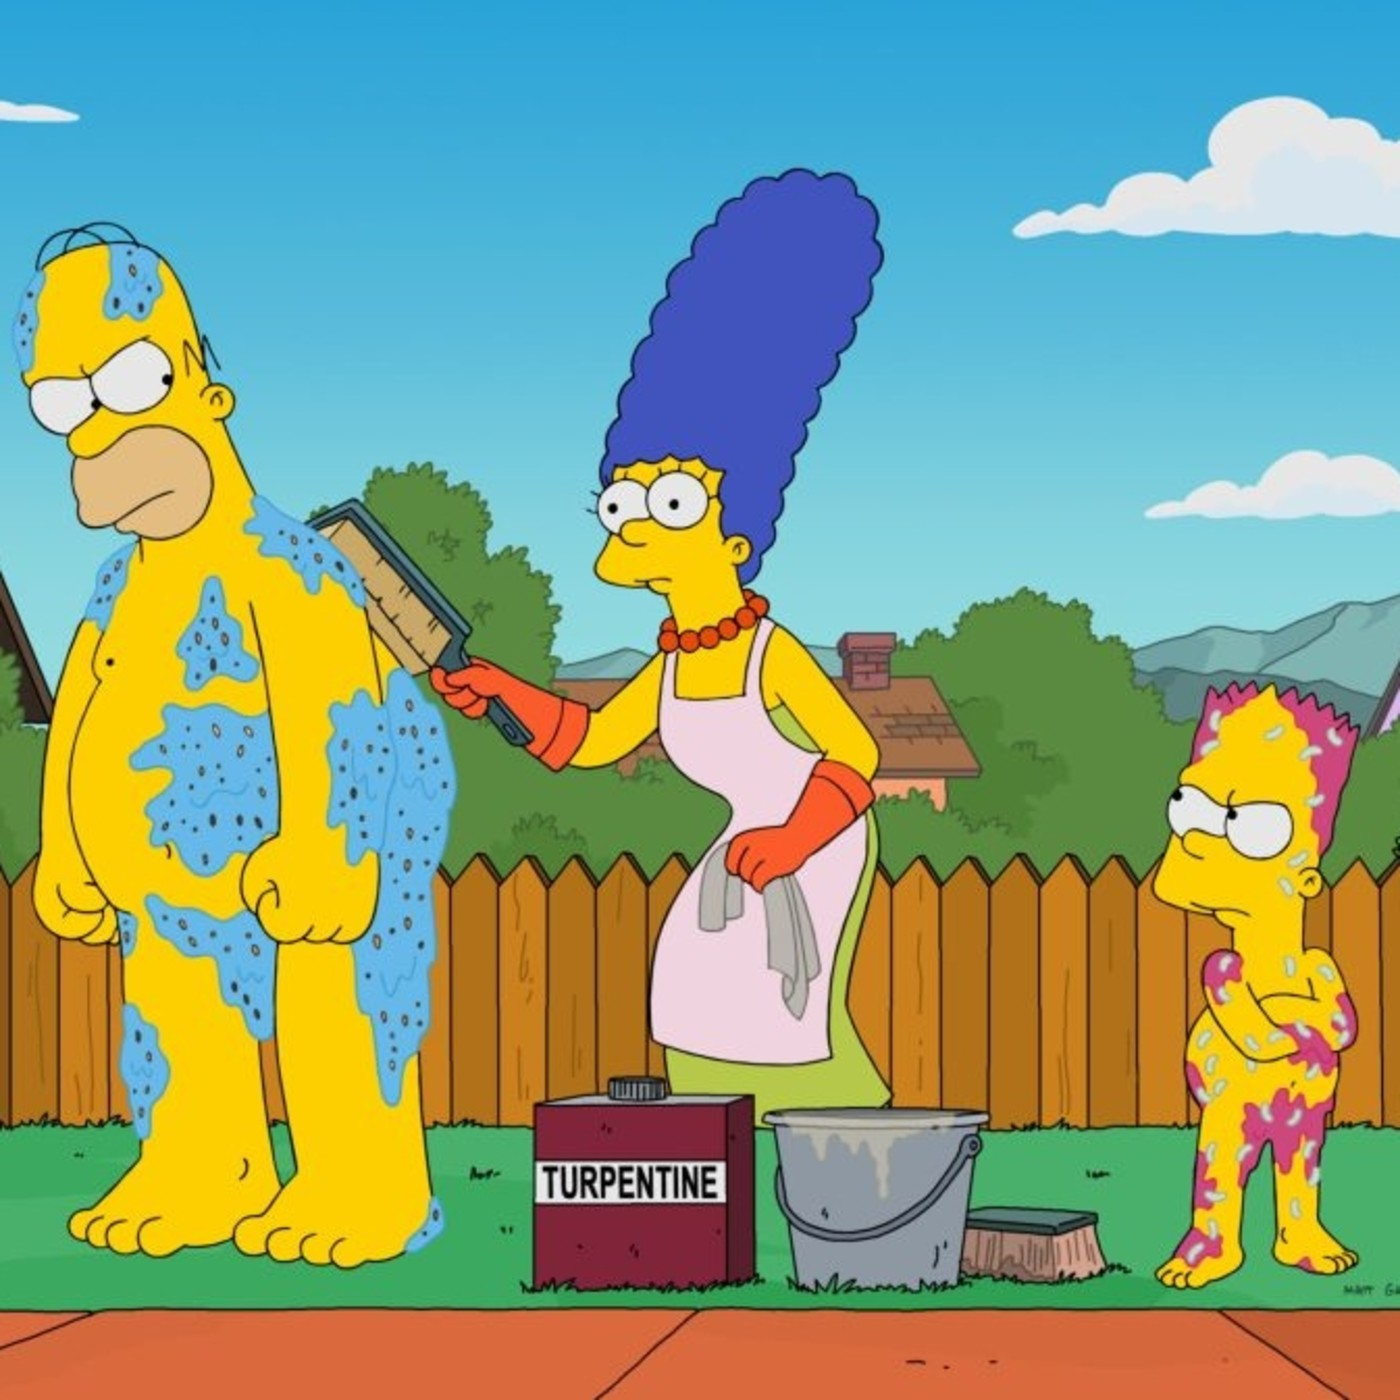 Los Simpson T 19 ep. 12, 13, 14 (2009) #Animación #Comedia #Familia #peliculas #audesc #podcast